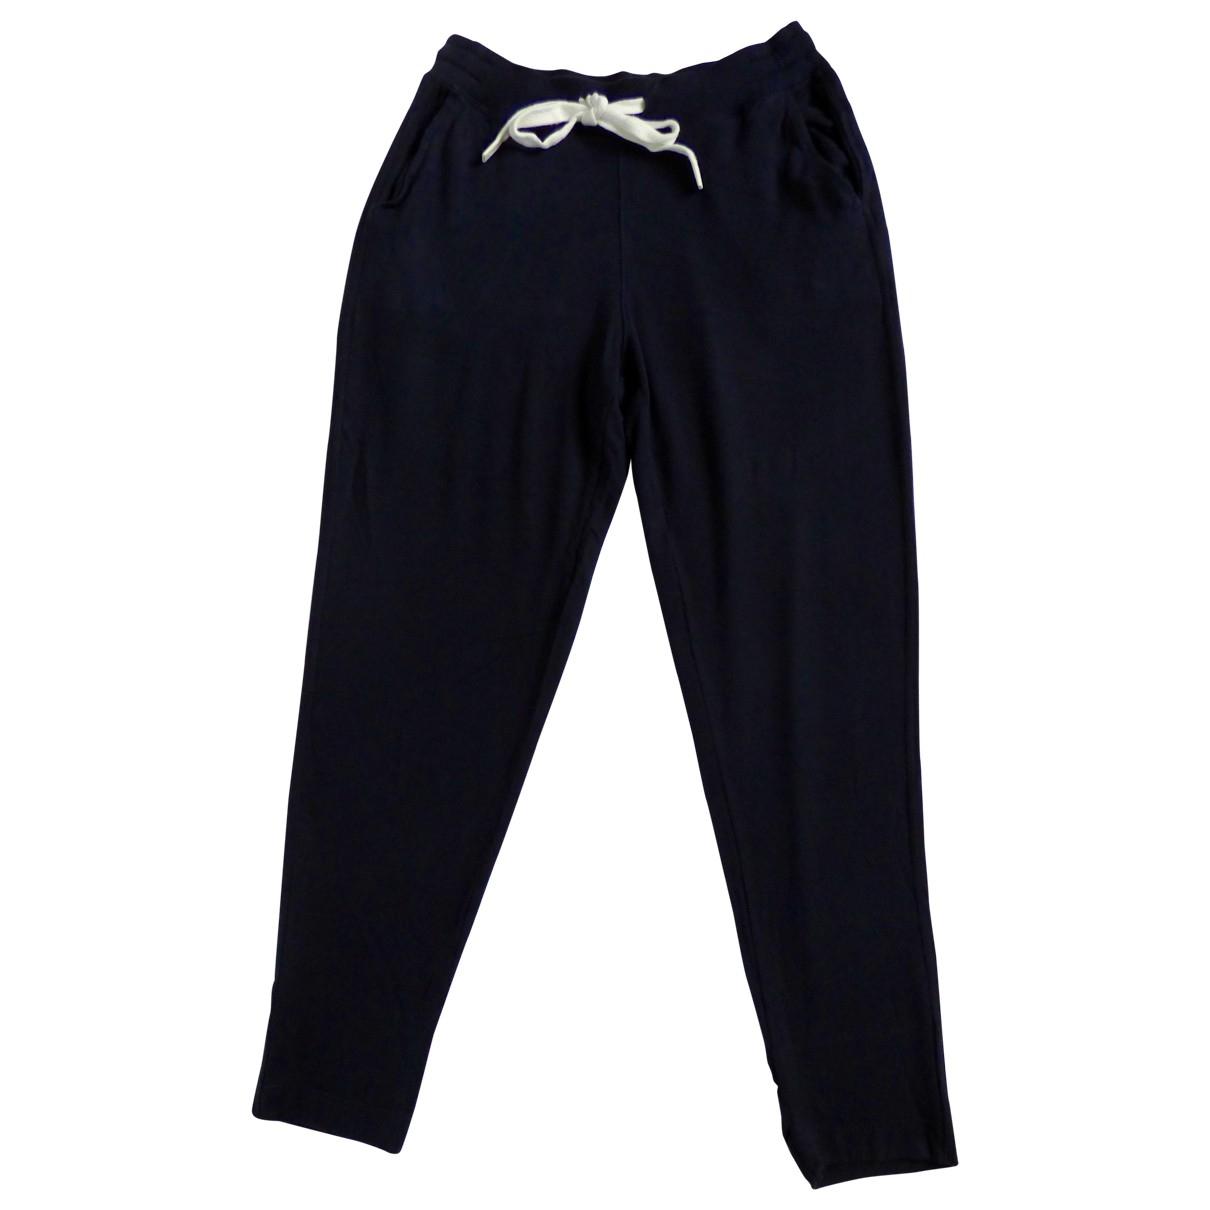 Pantalon de traje Non Signe / Unsigned